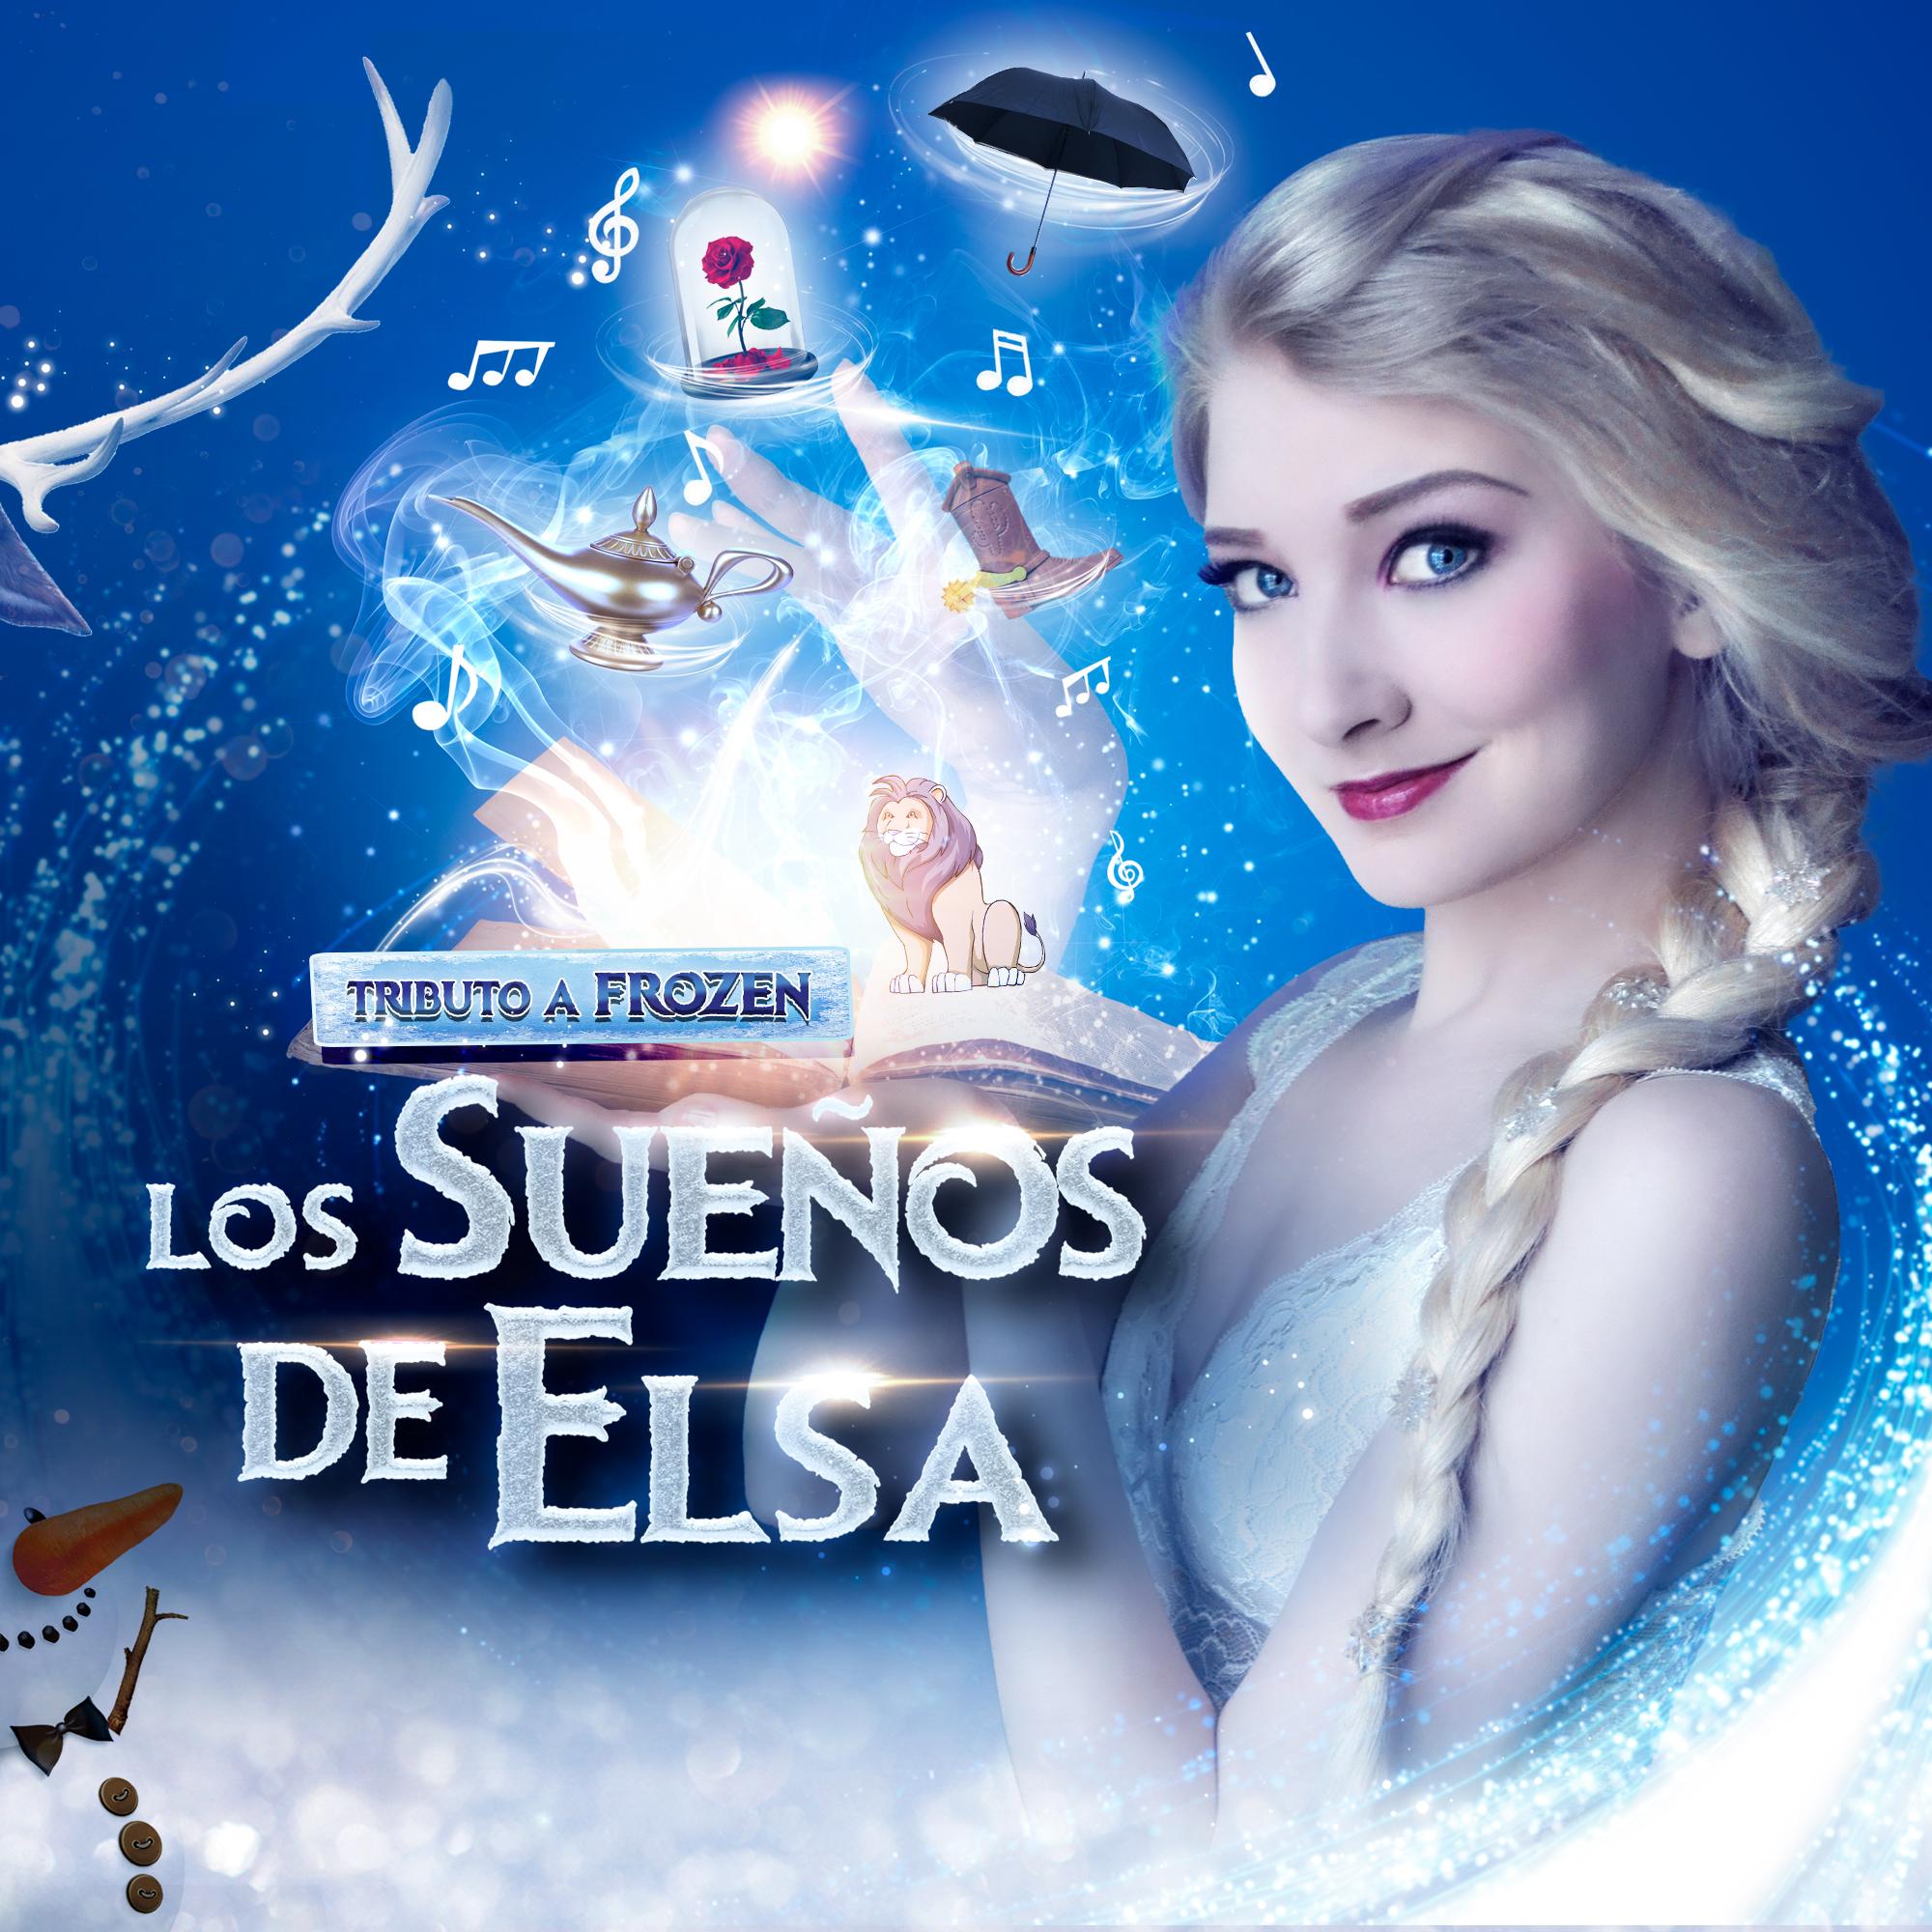 Bembibre presenta una programación limitada por la Pandemia en la que se incluye magia, teatro y un tributo a Frozen 4